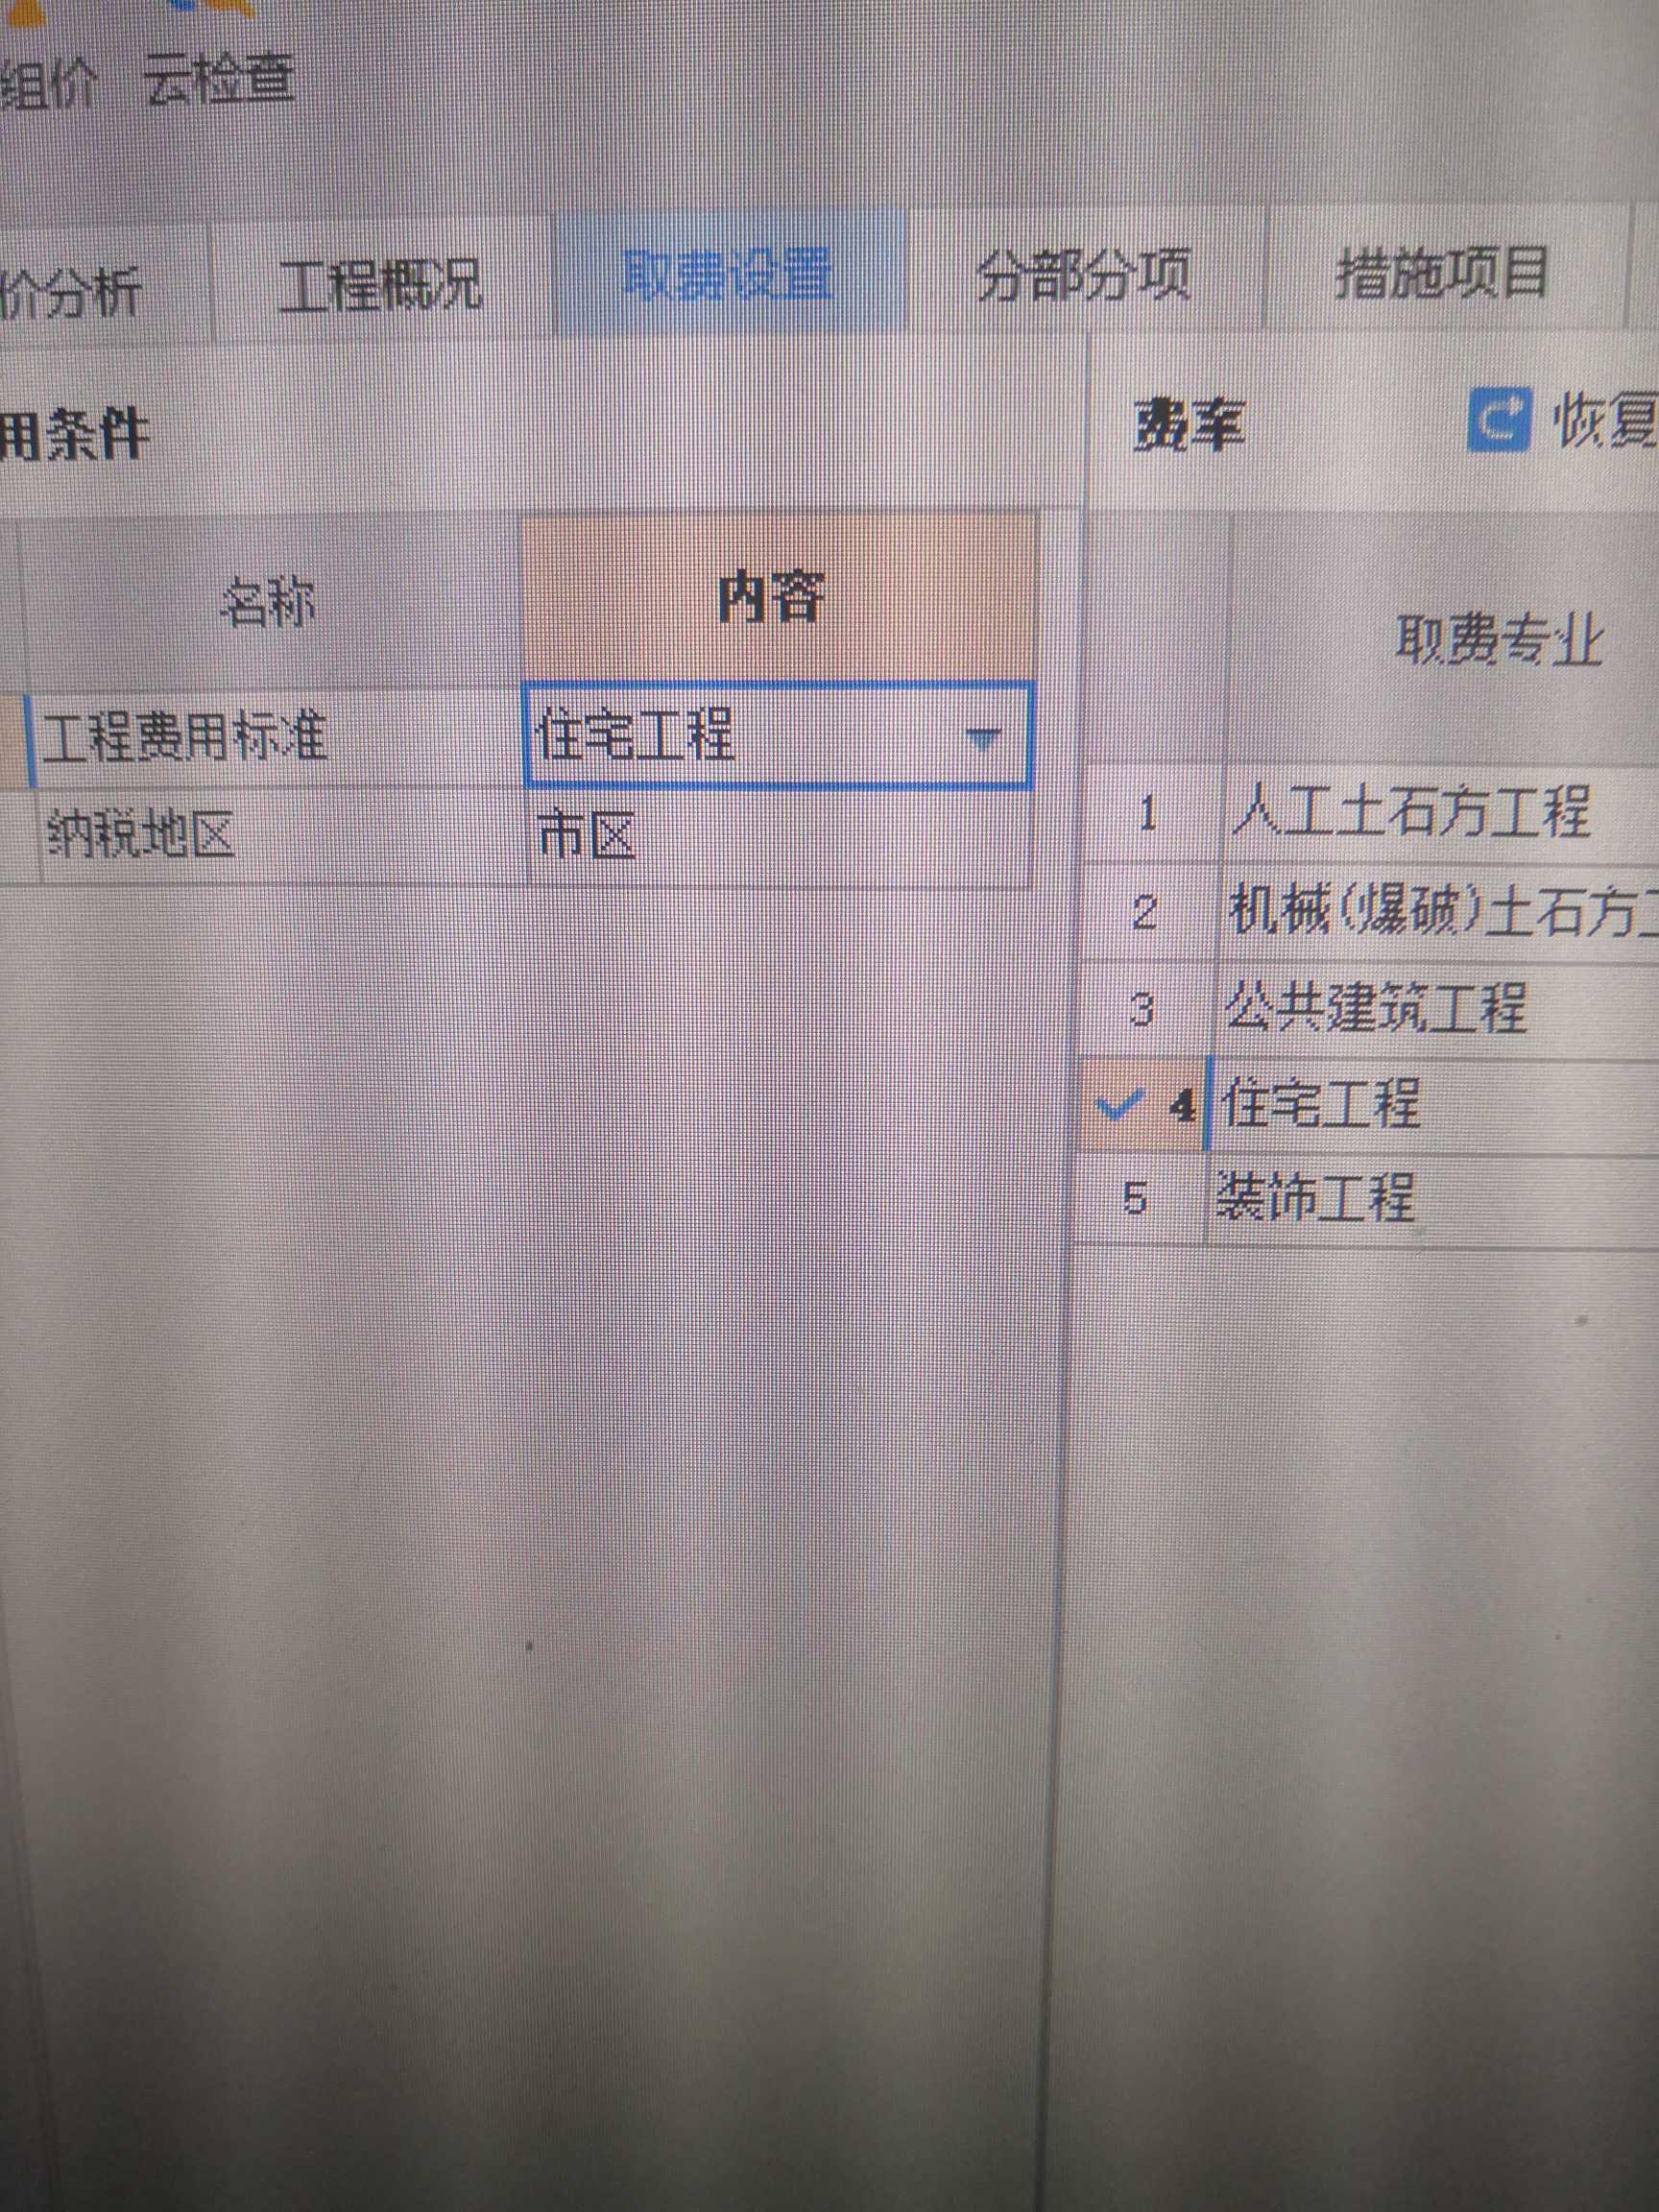 土建,计价软件GBQ4.0,计价软件GCCP,重庆,答疑:取费设置-重庆土建,计价软件GCCP,计价软件GBQ4.0,